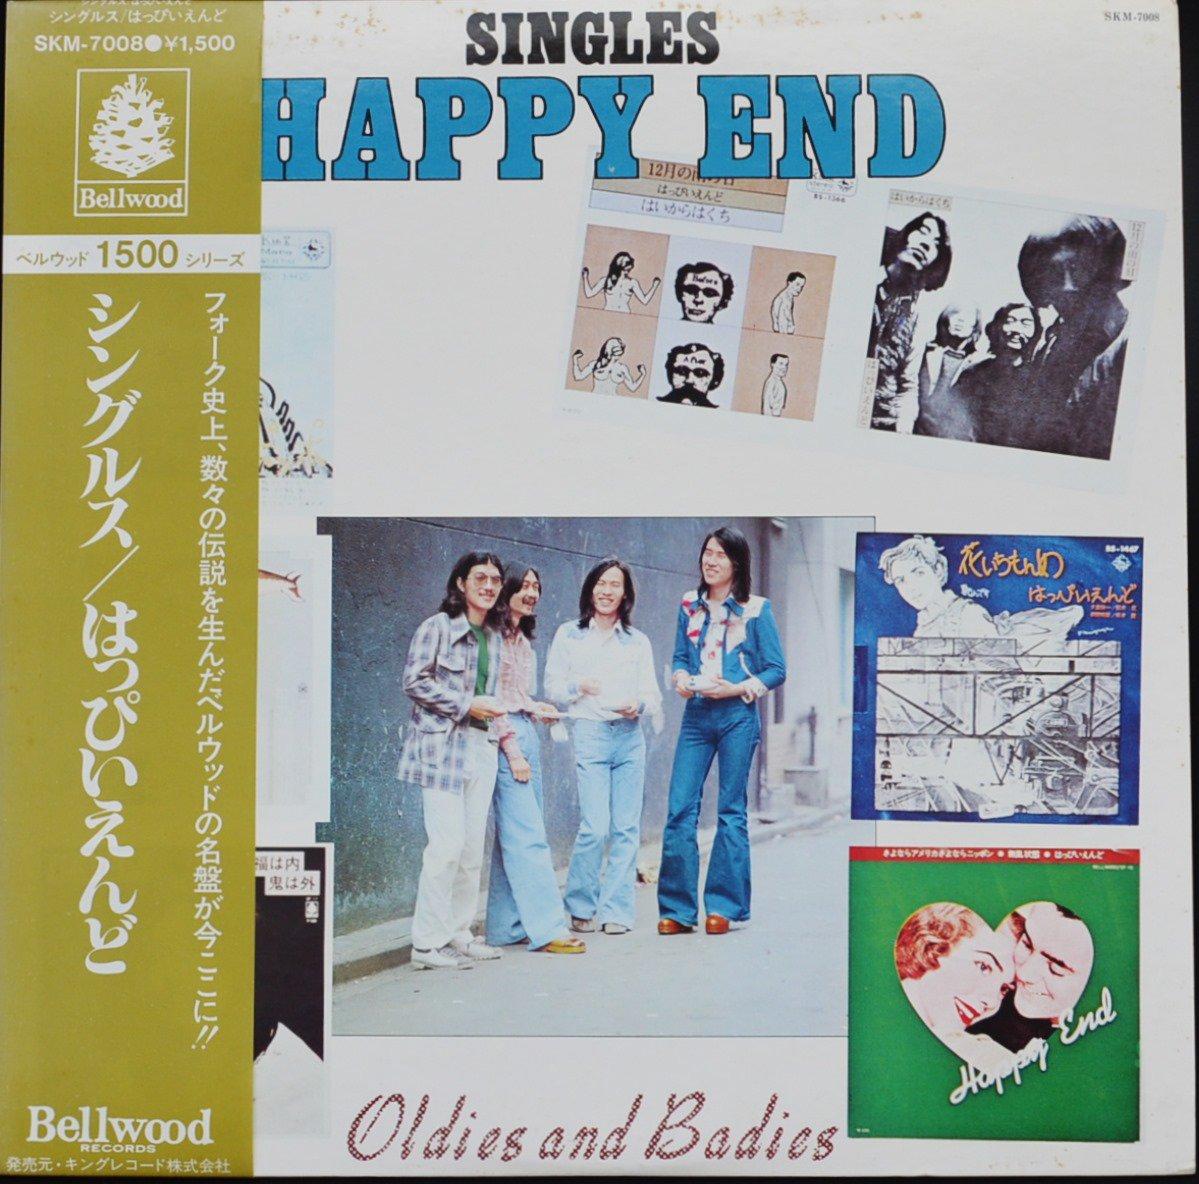 はっぴいえんど HAPPY END / シングルス SINGLES (LP)